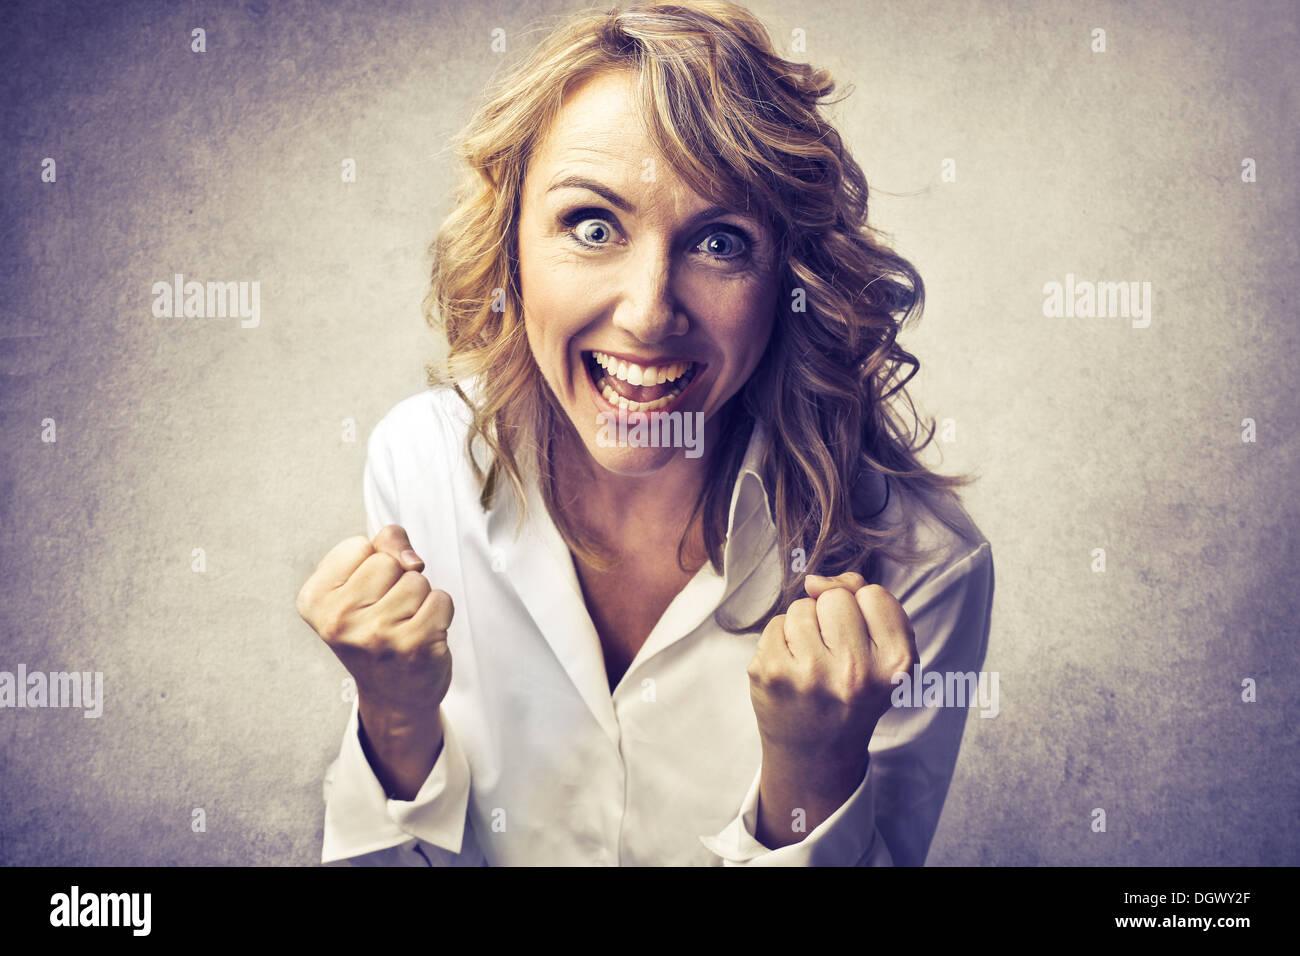 Femme blonde réjouissance Photo Stock